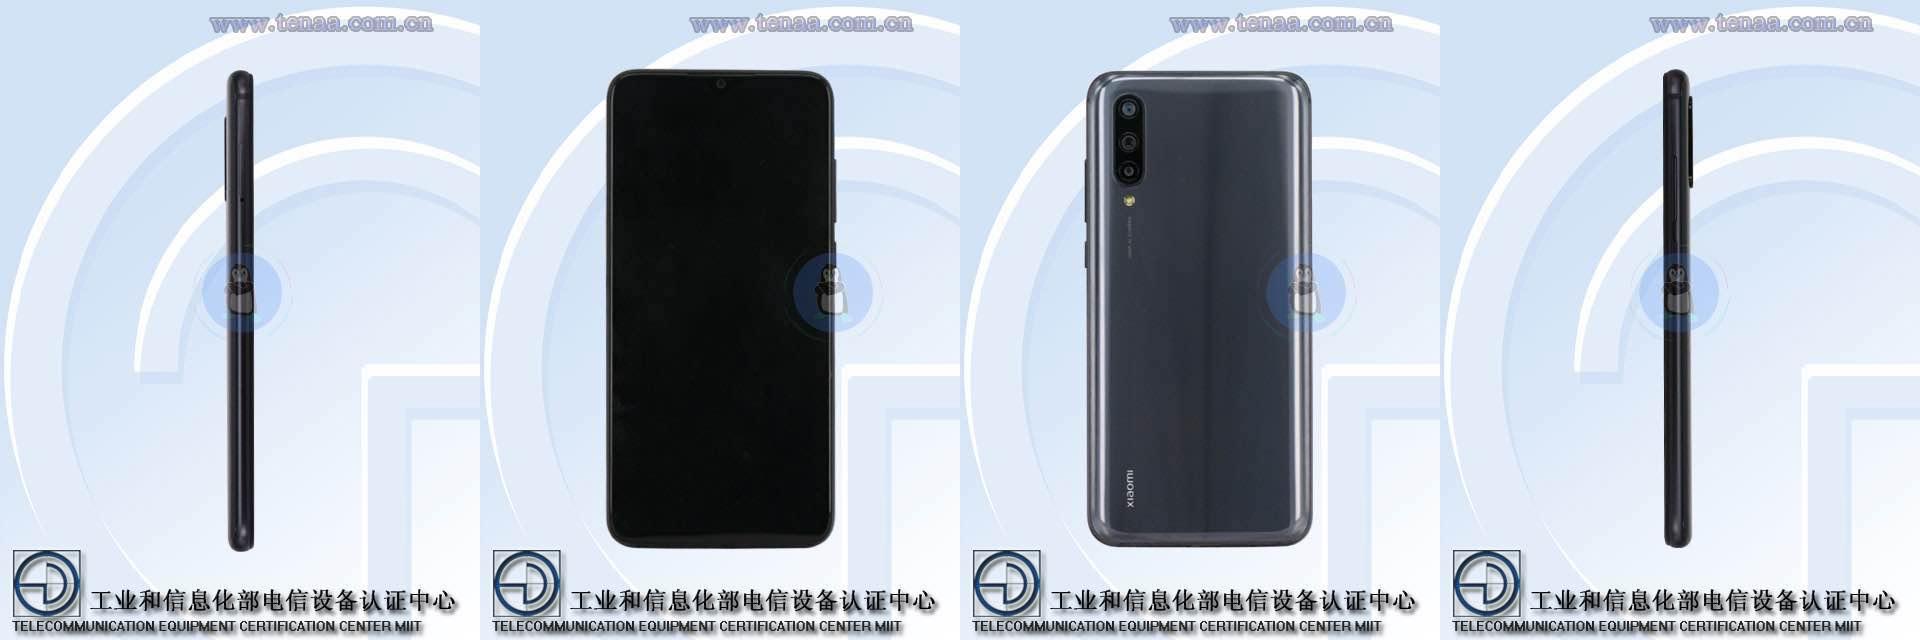 Xiaomi CC9 та CC9e: стало відомо, що означають назви смартфонів